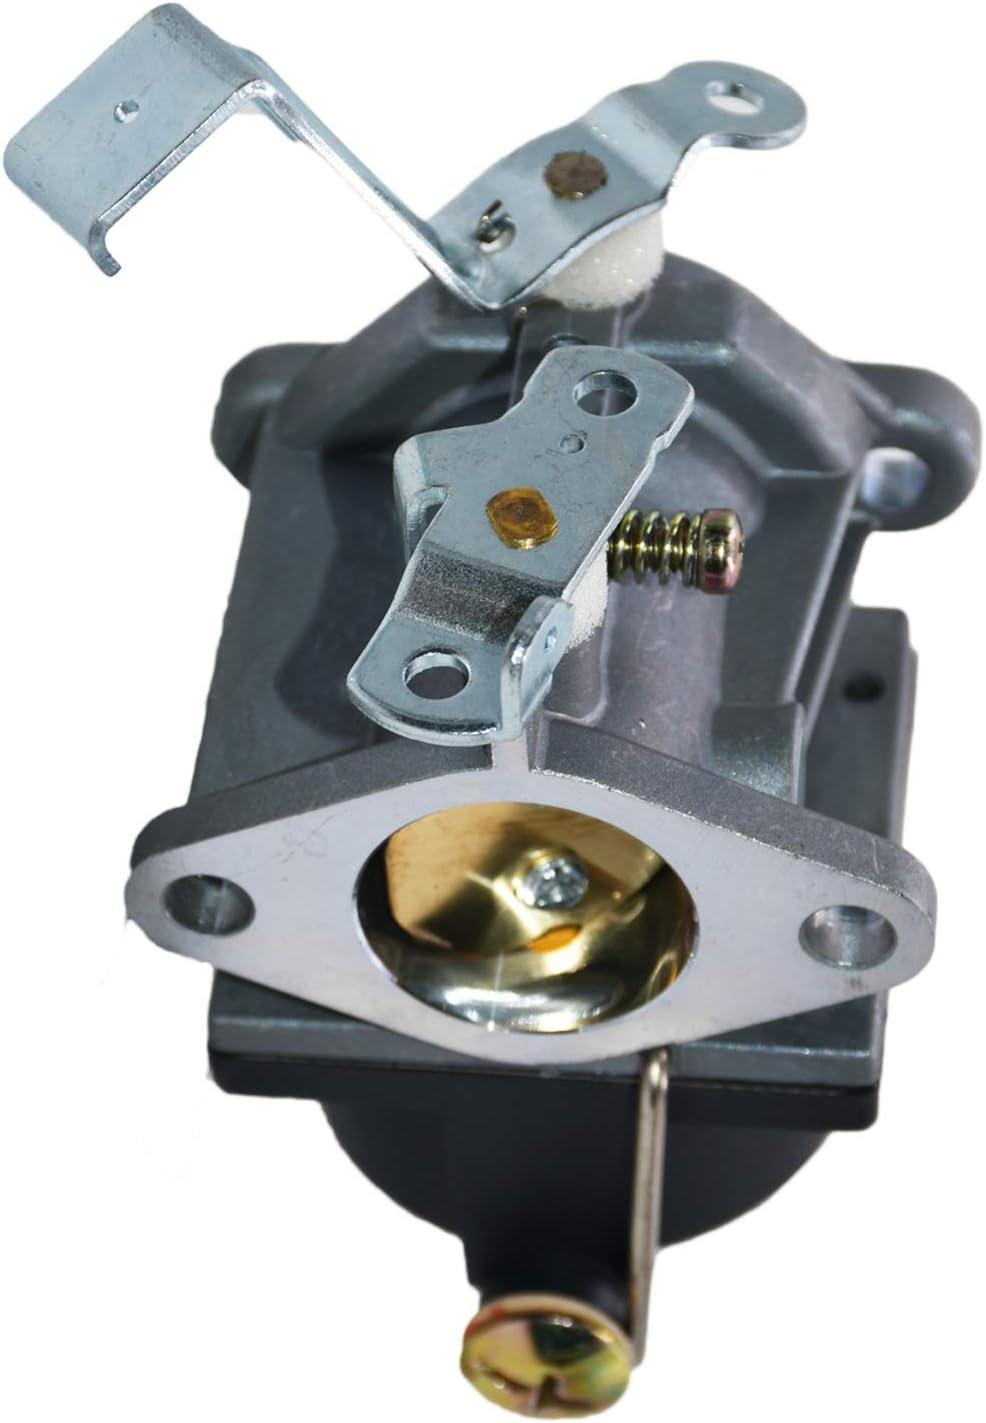 Carb for Tecumseh 640221 Carburetor Fits OV691EA 5156